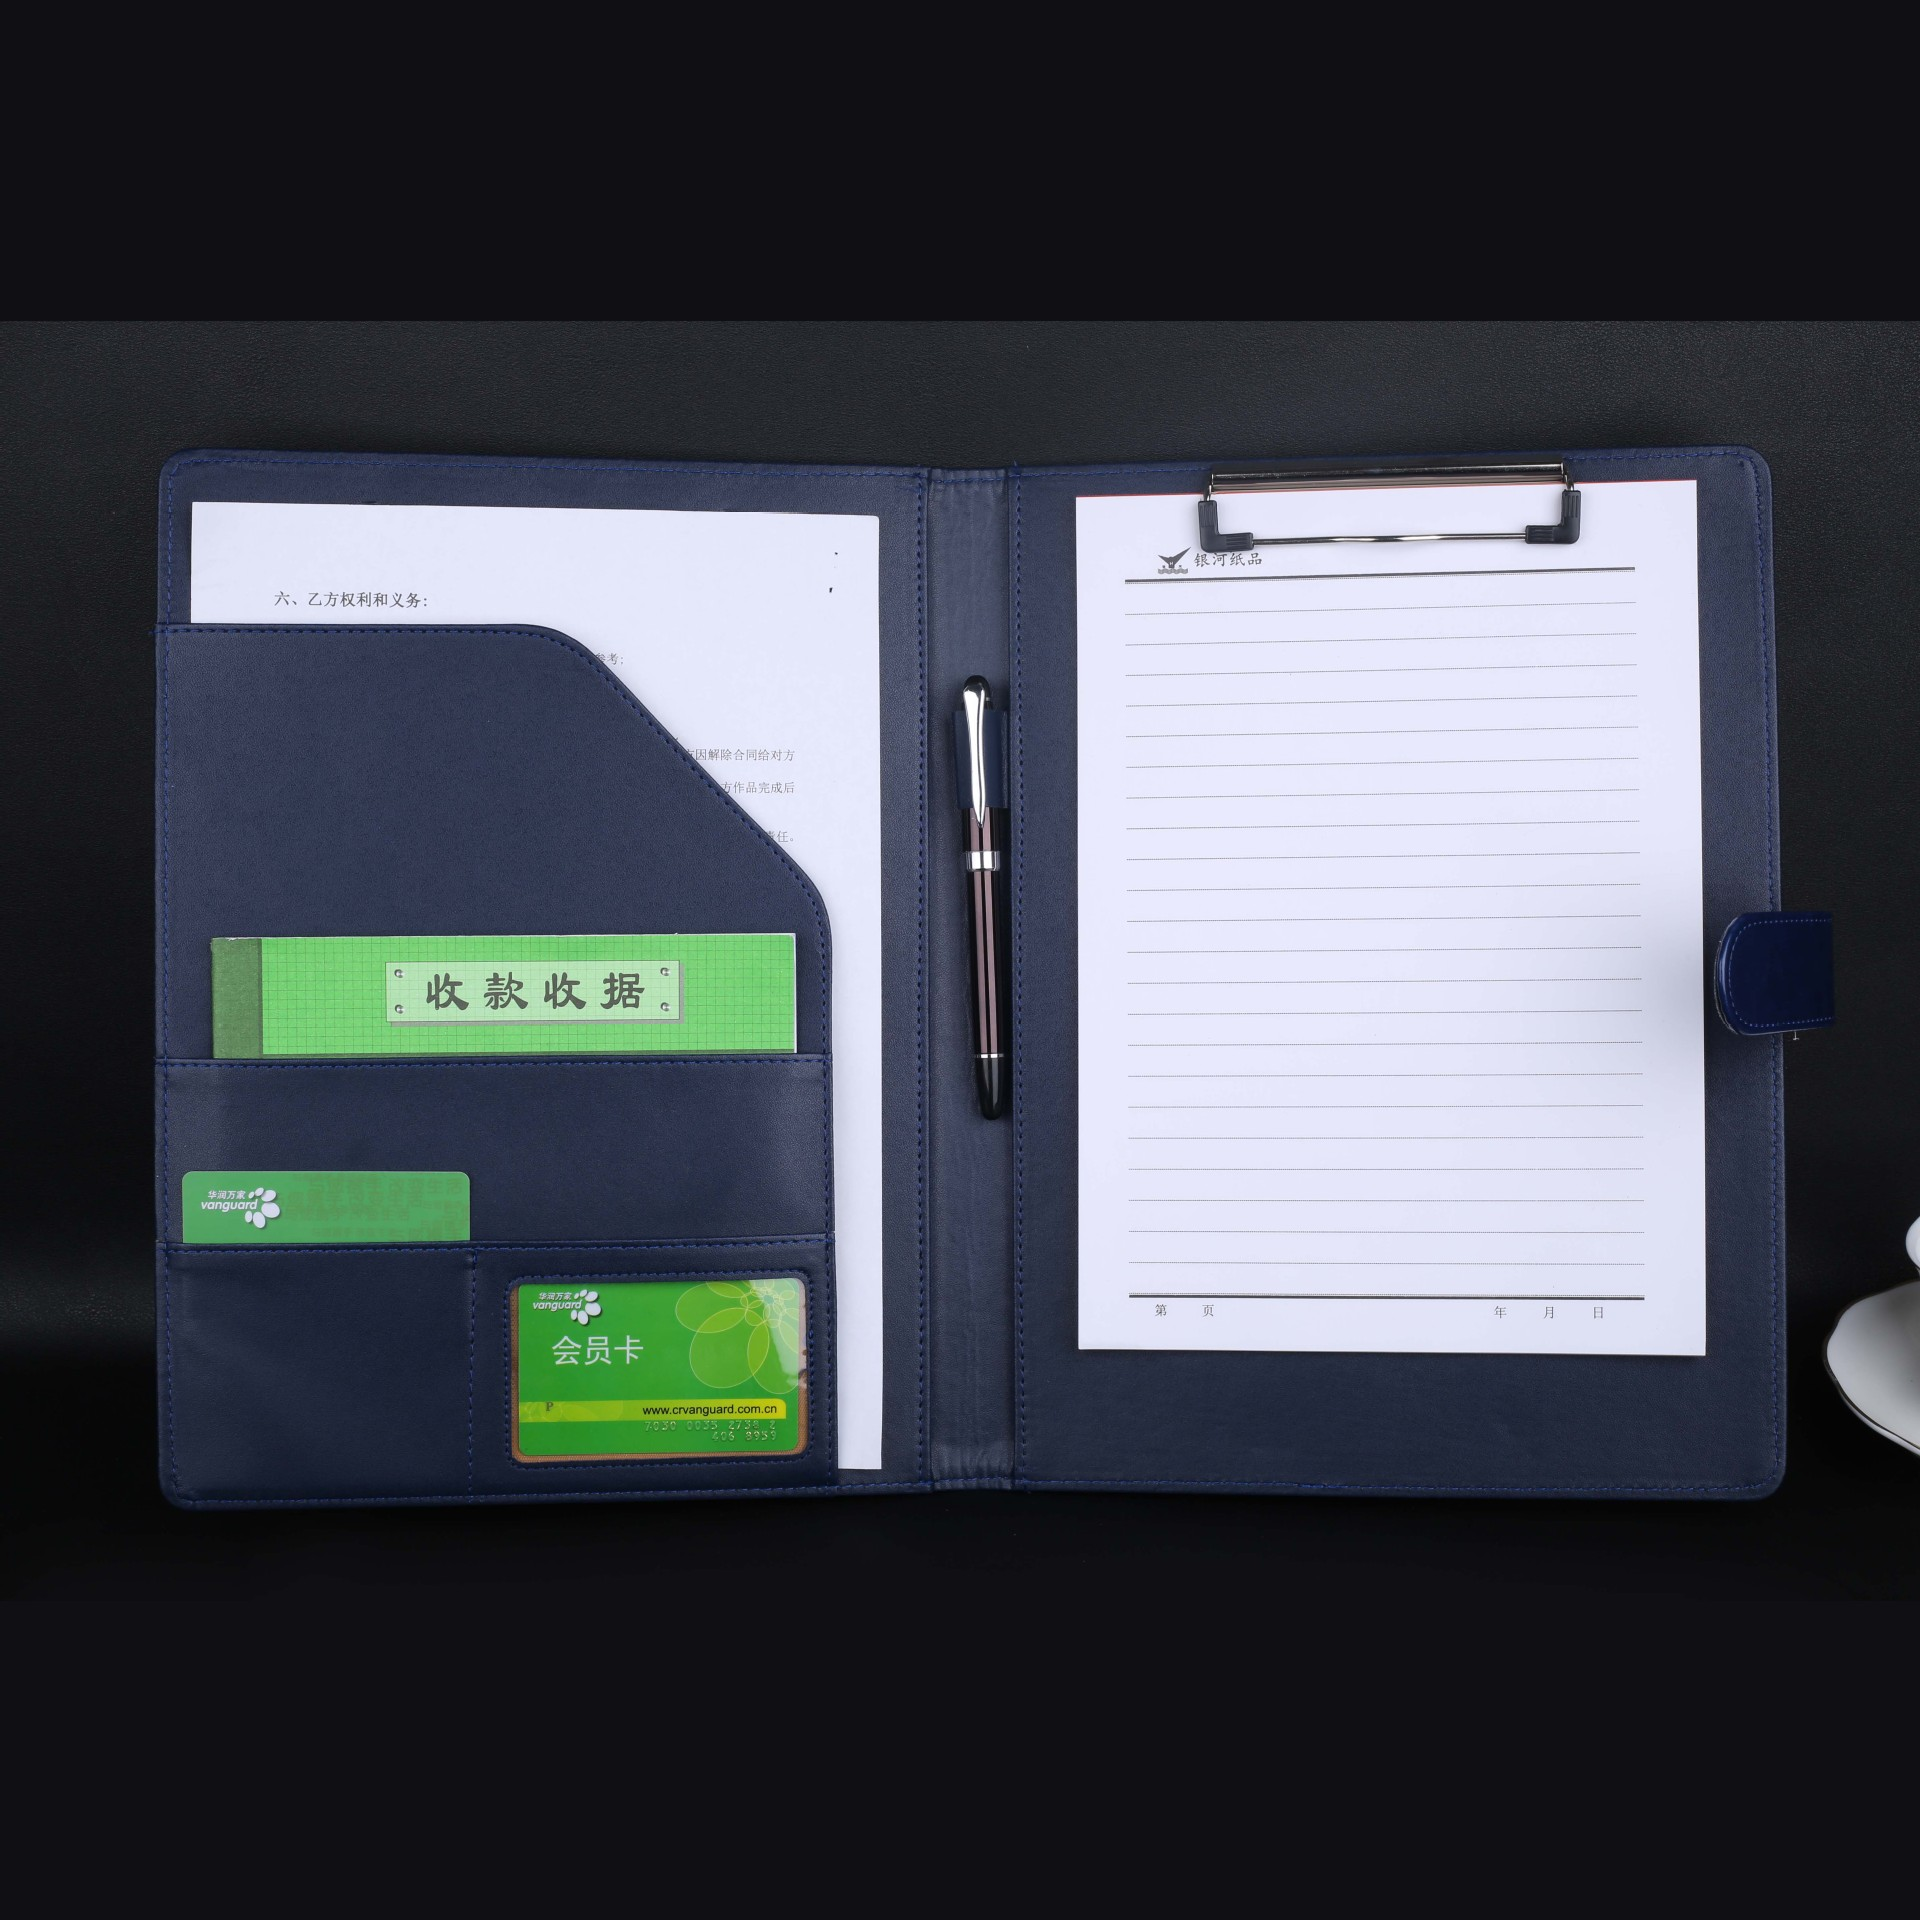 CCGOOD Đồ dùng văn phòng Hợp đồng giả da A5A4, lập kế hoạch, ký kết, thư mục đa chức năng, thư mục n